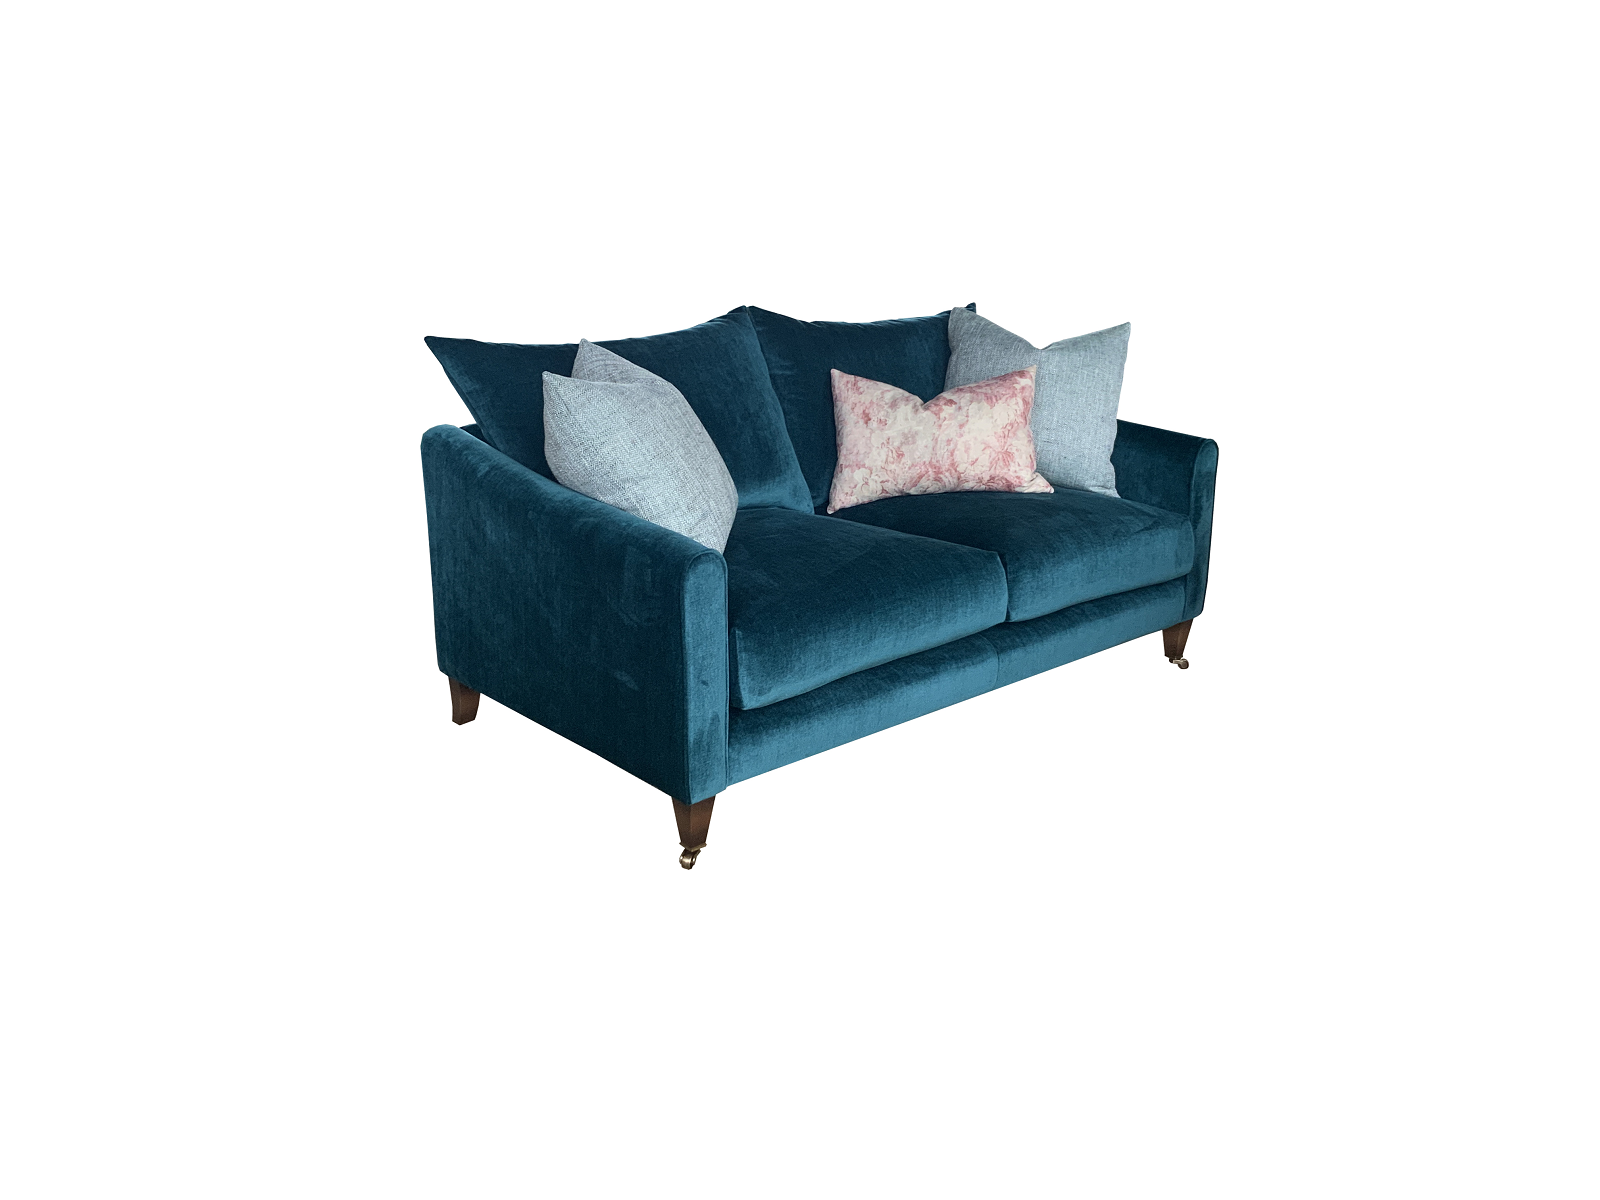 Harling 3 Seater Sofa